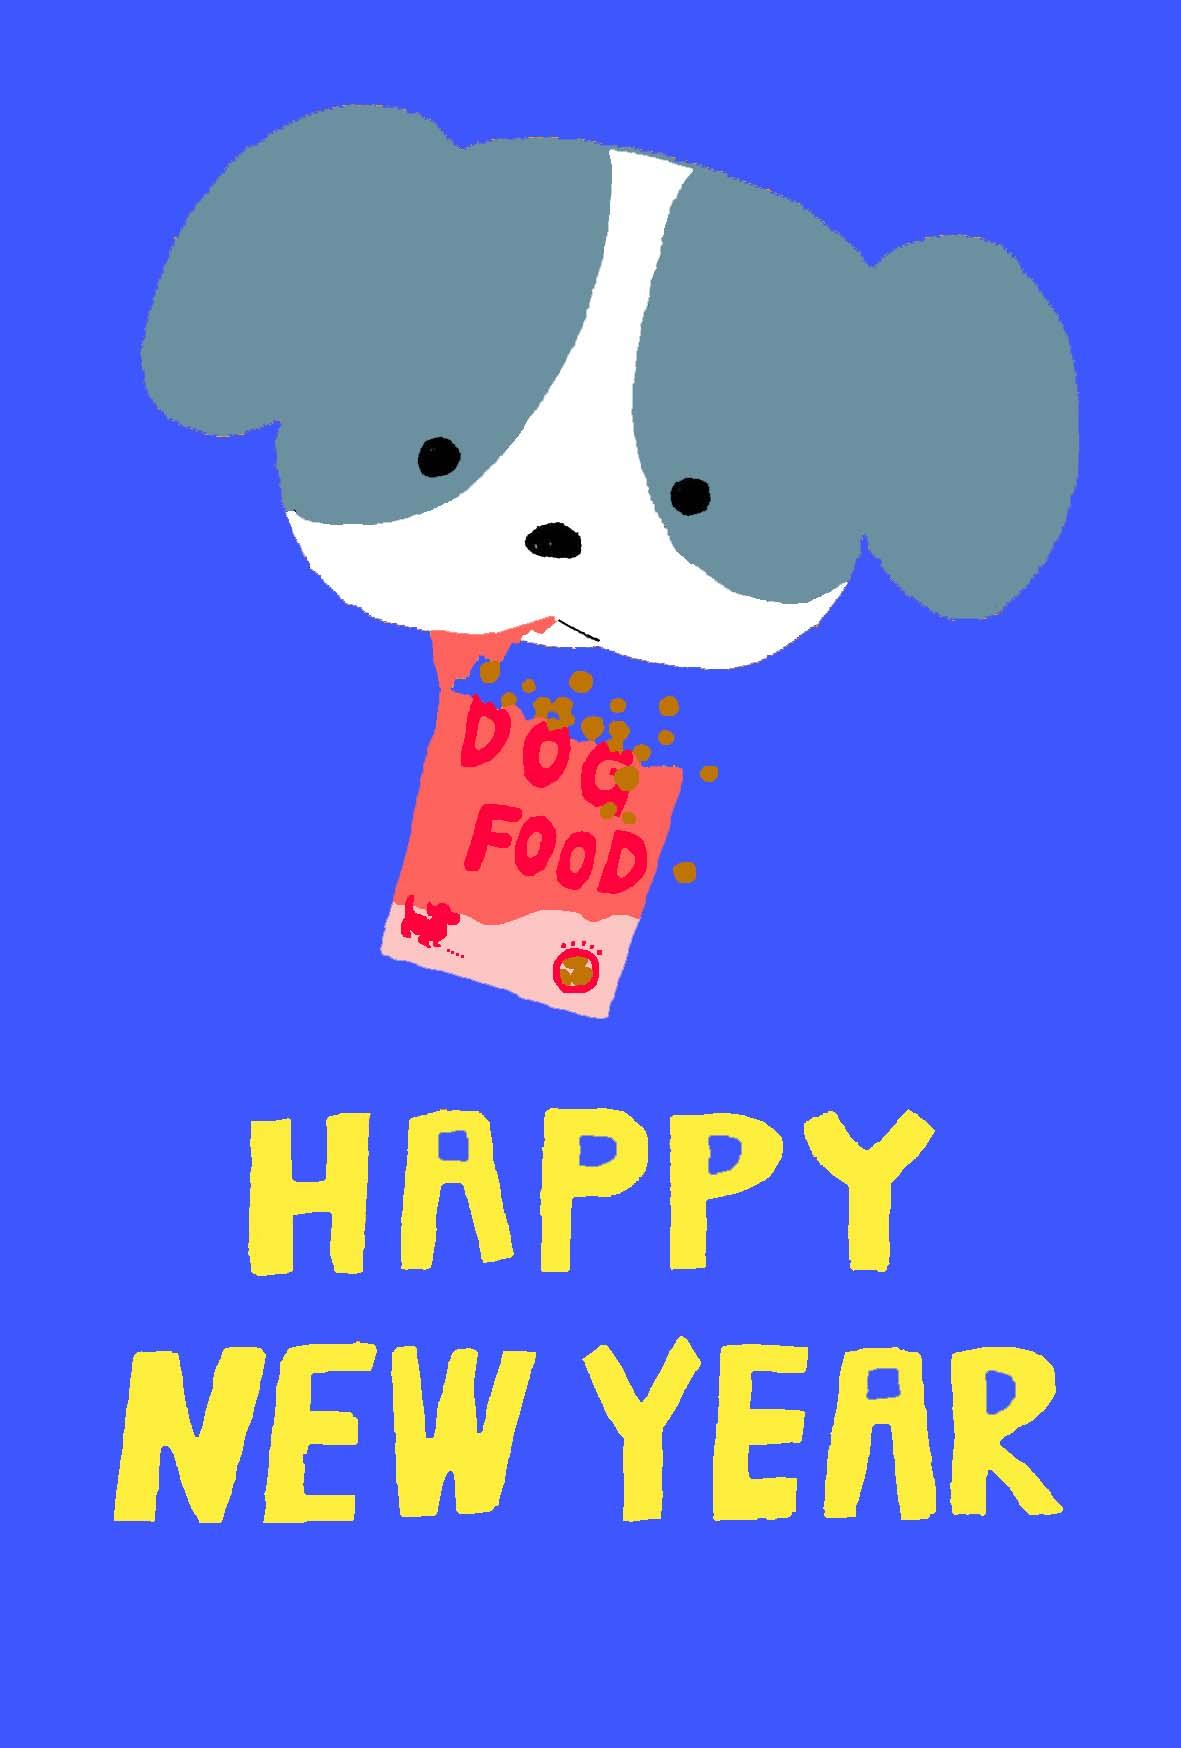 happy new yearドッグフードを食べる犬のイラスト 無料戌年年賀状